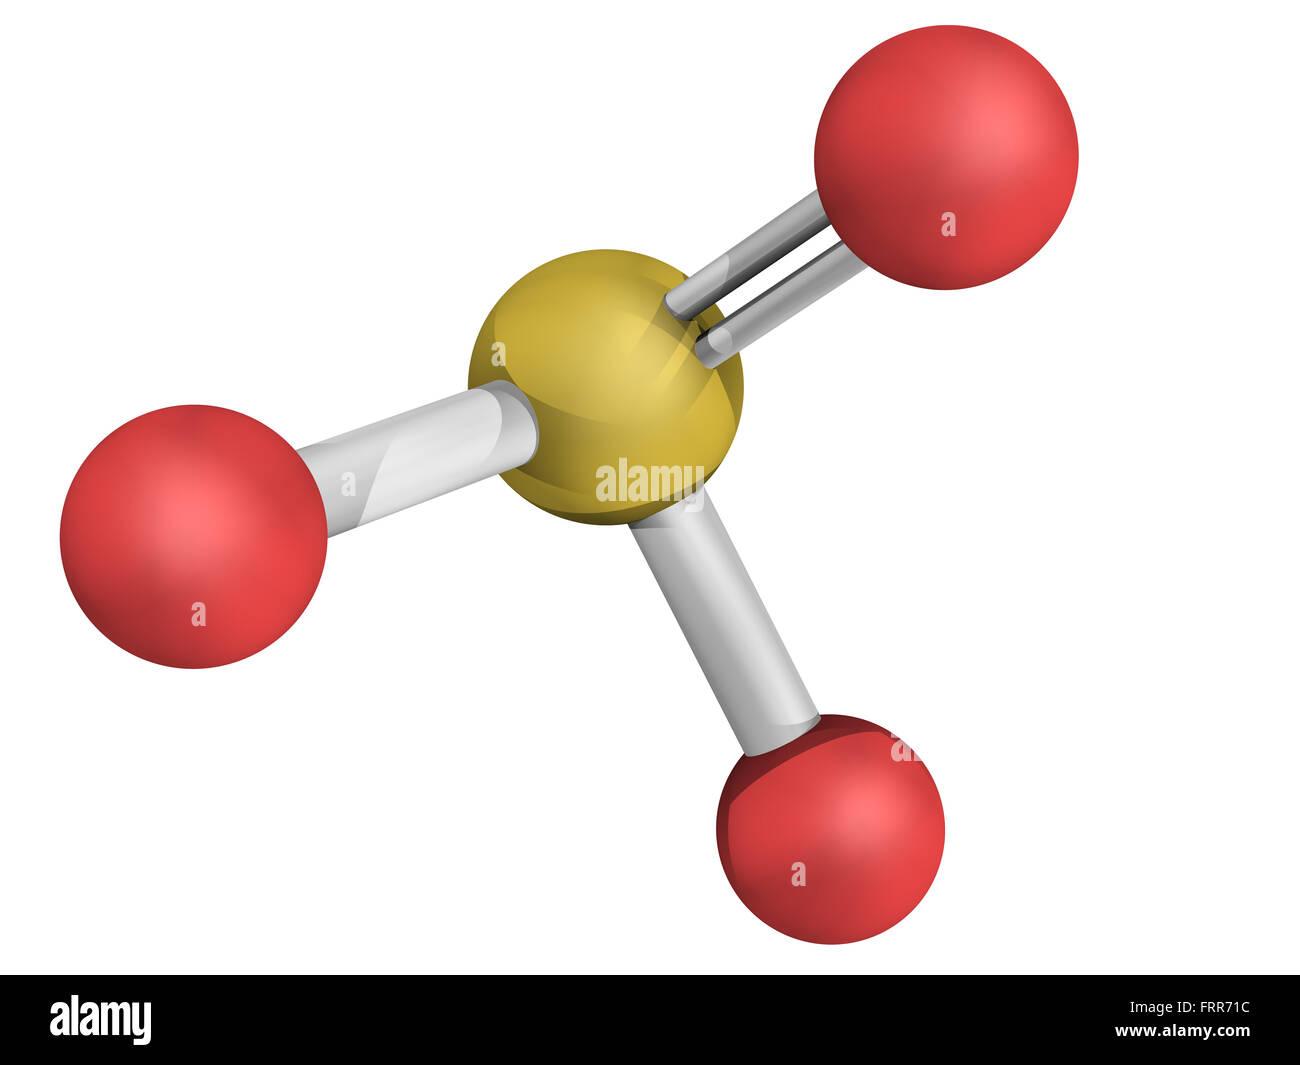 Chemische Struktur Von Sulfit Sulfit Essen Und Wein